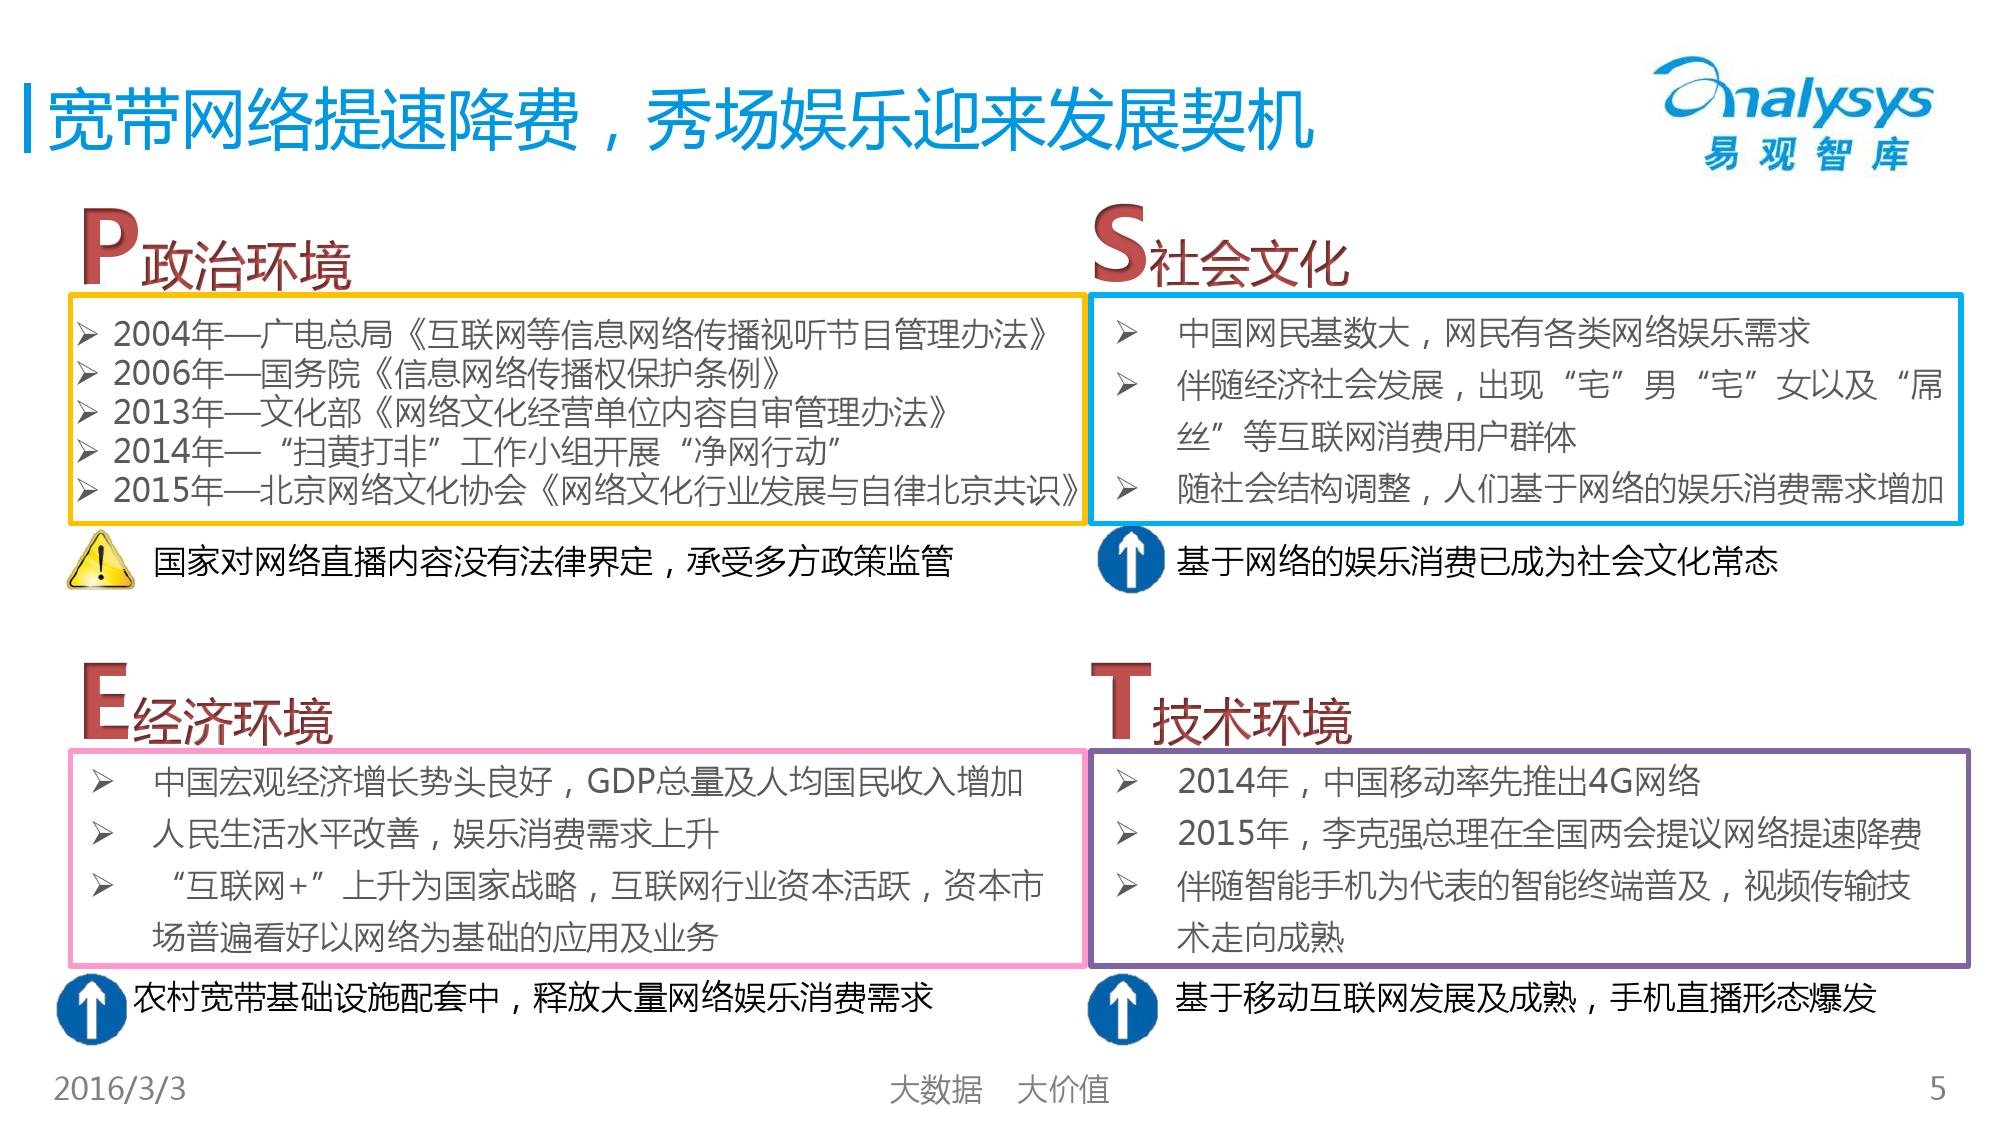 中国秀场娱乐市场专题研究报告2016_000005